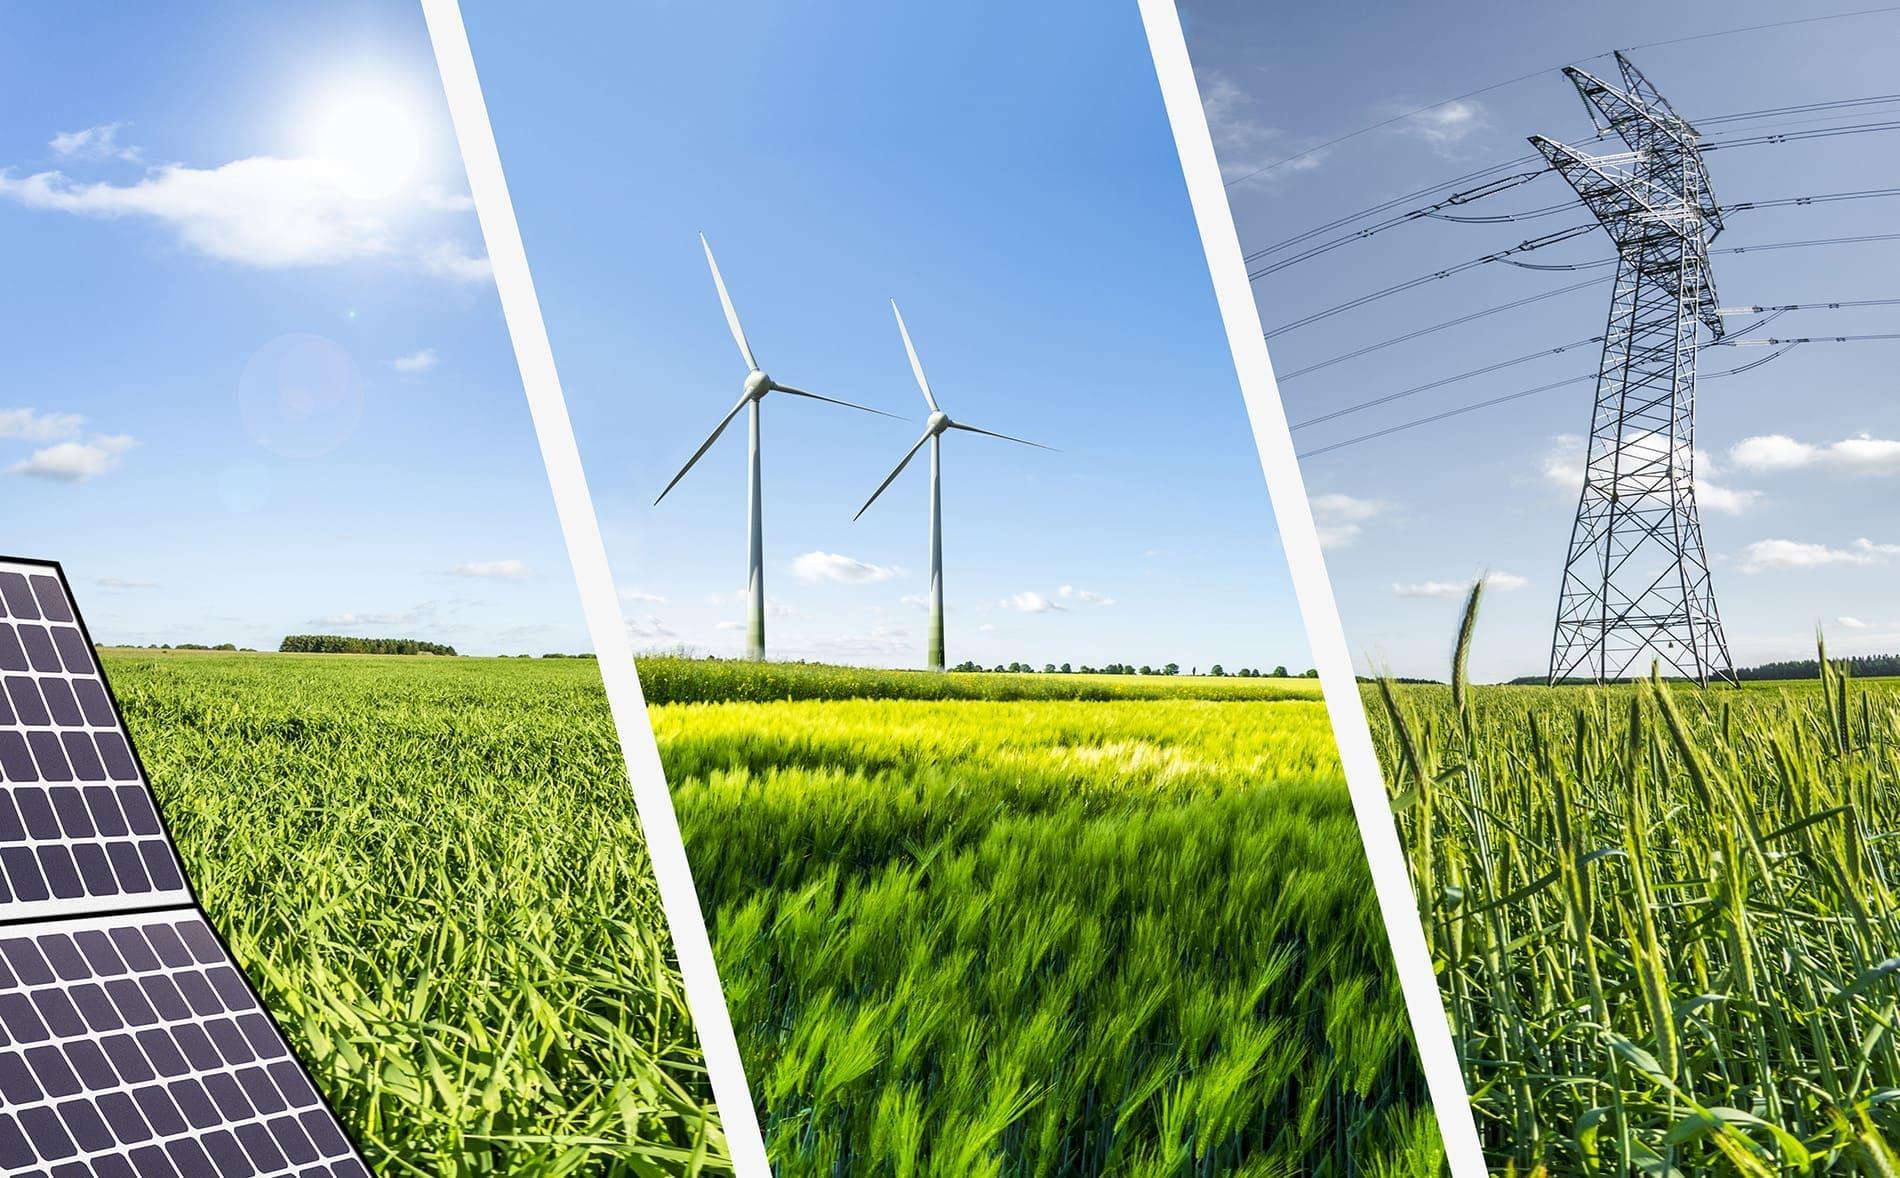 McCartneys Renewable Energy